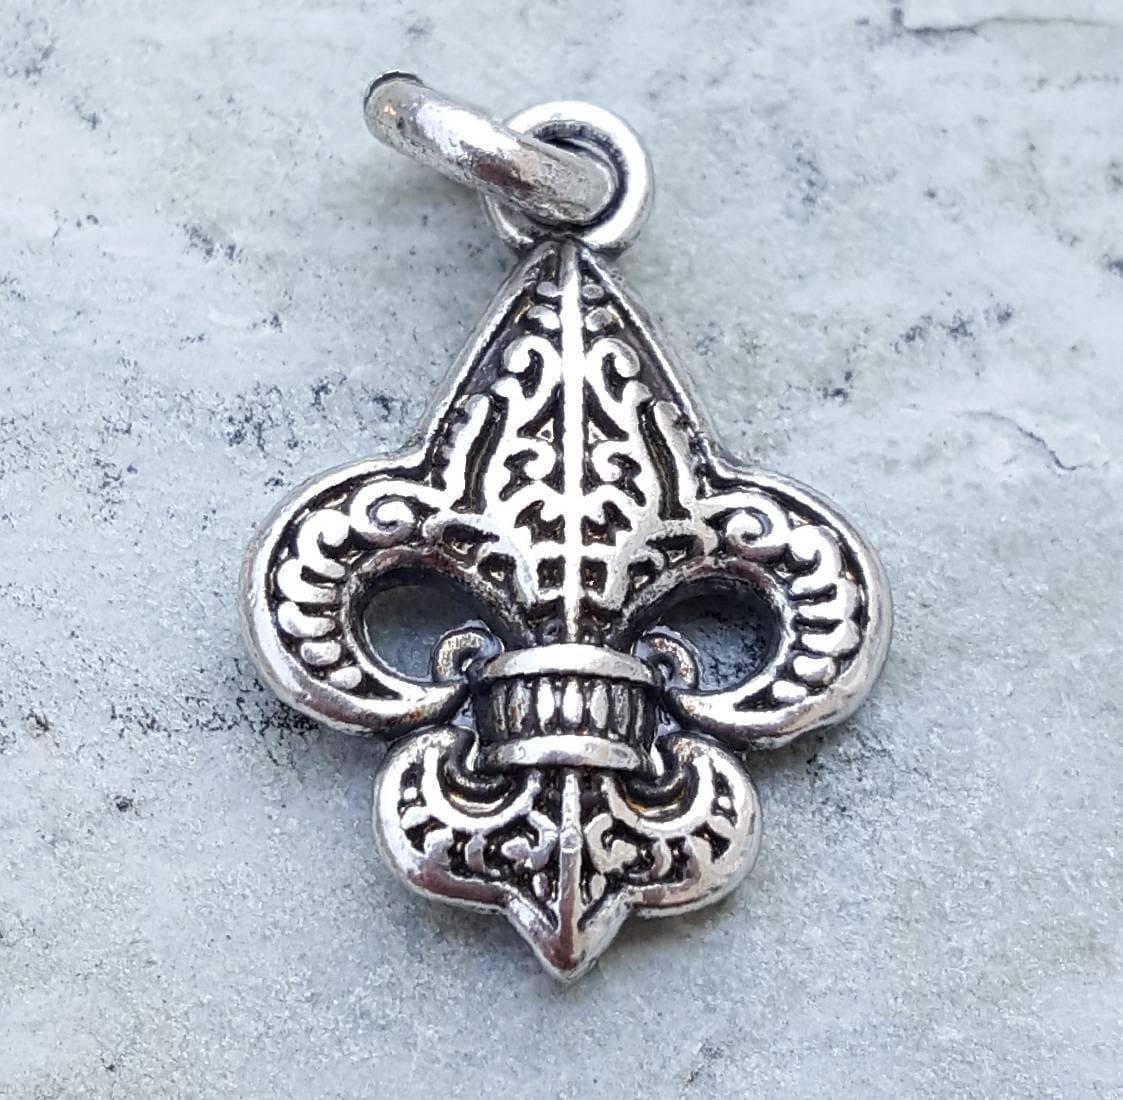 Fleur De Lis Charm Bracelet: Silver Fleur De Lis Charm, Fleur De Lis Pendants Jewelry